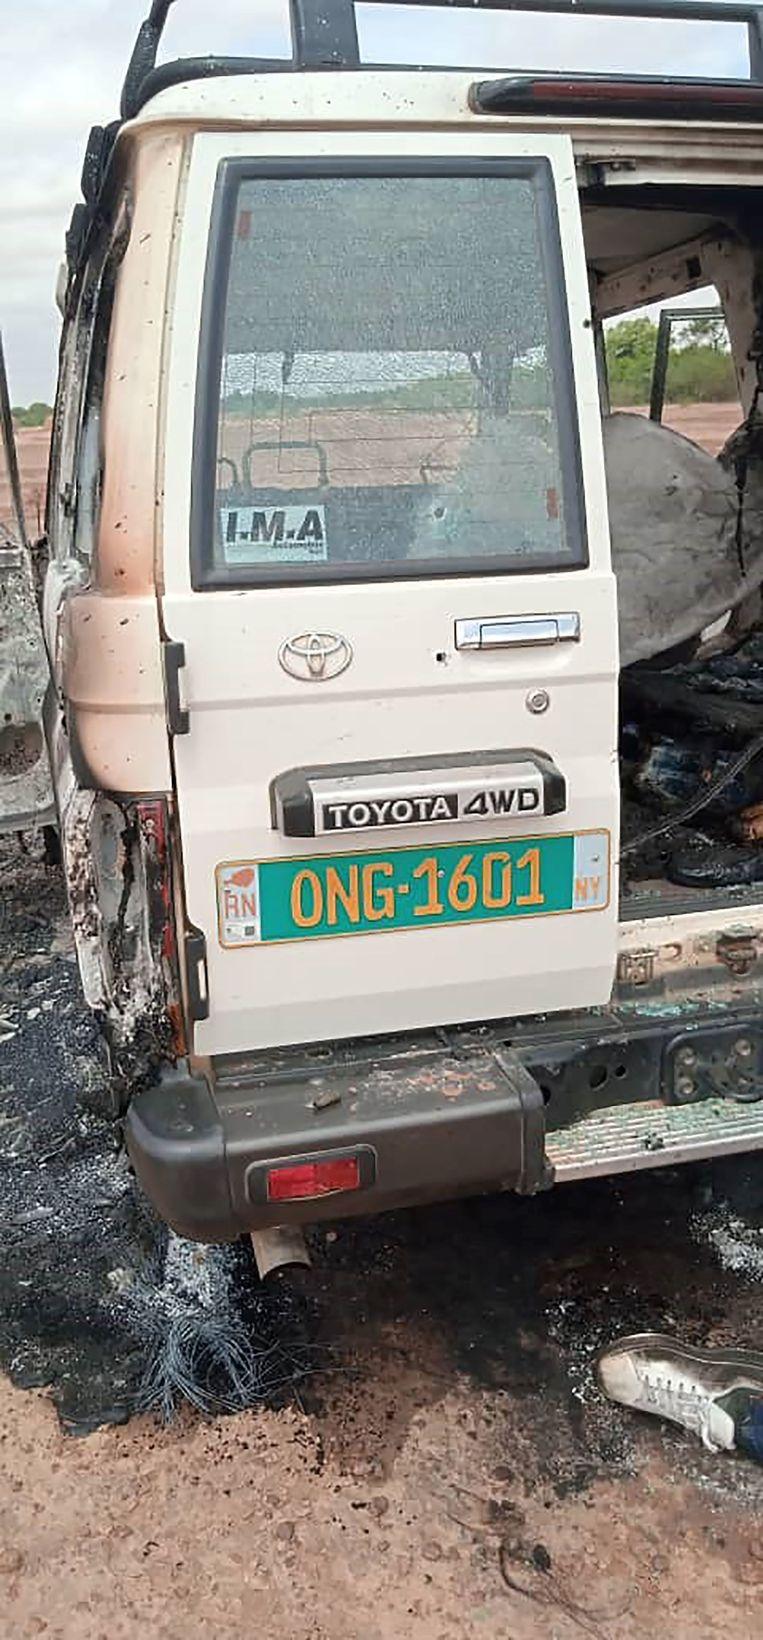 De auto waarin de slachtoffers reden. Beeld AFP